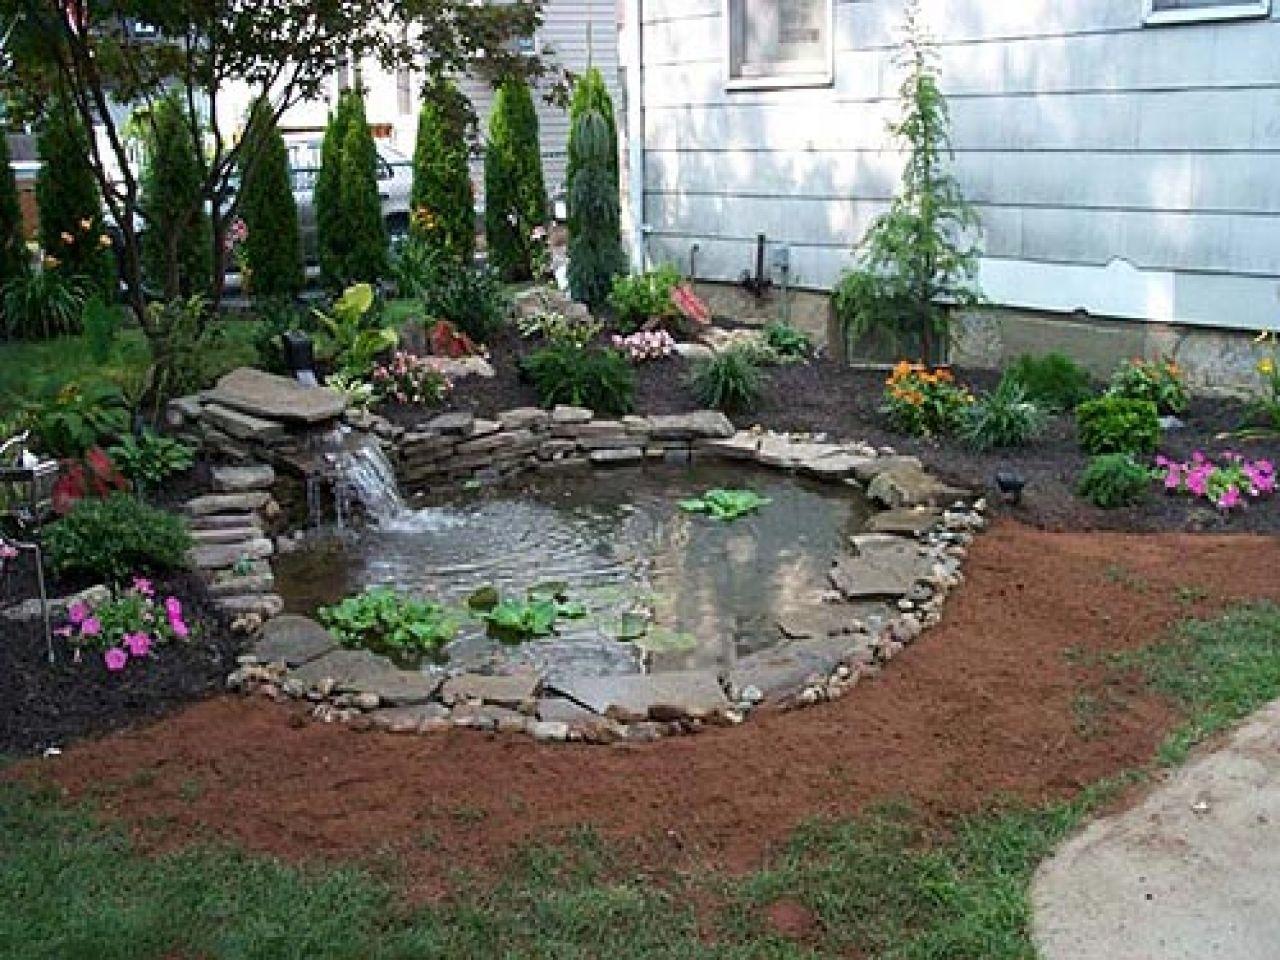 landscape pond - Google Search | Small backyard ponds ...